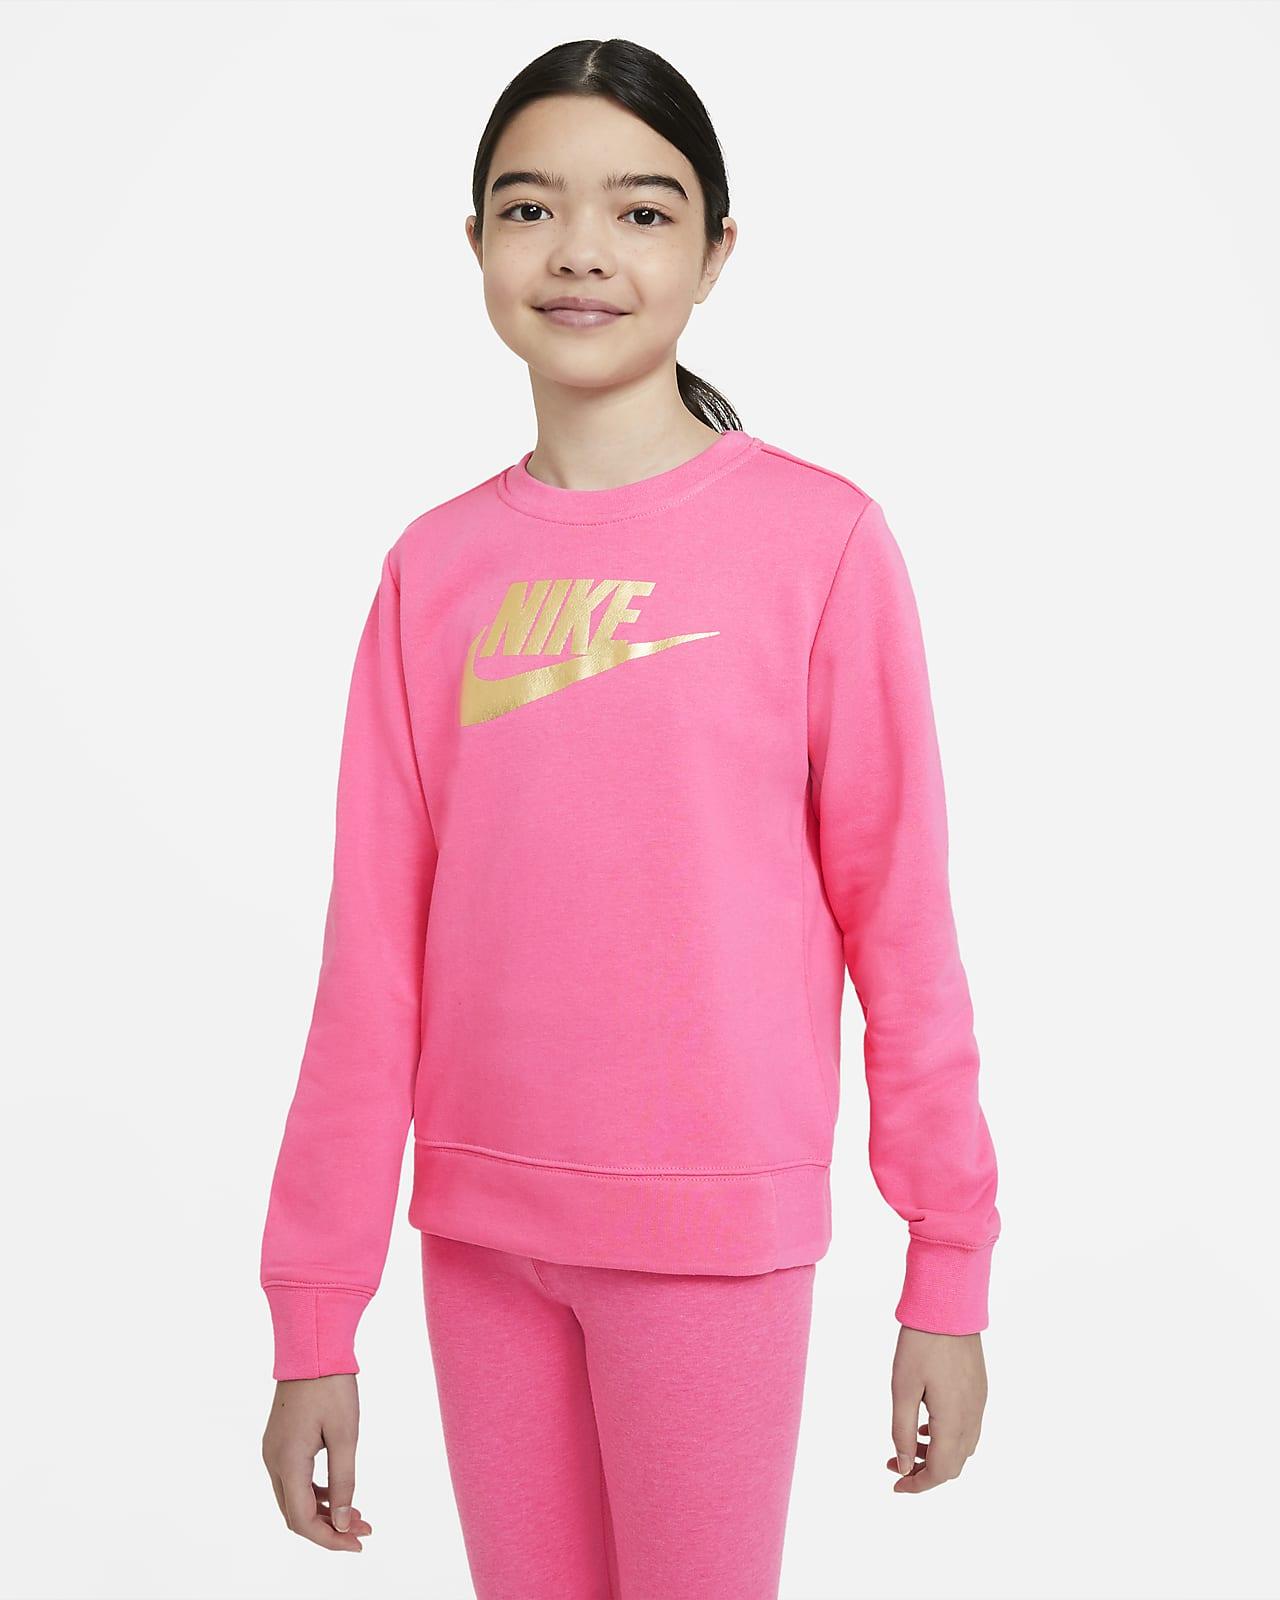 Nike Sportswear Big Kids' (Girls') French Terry Crew